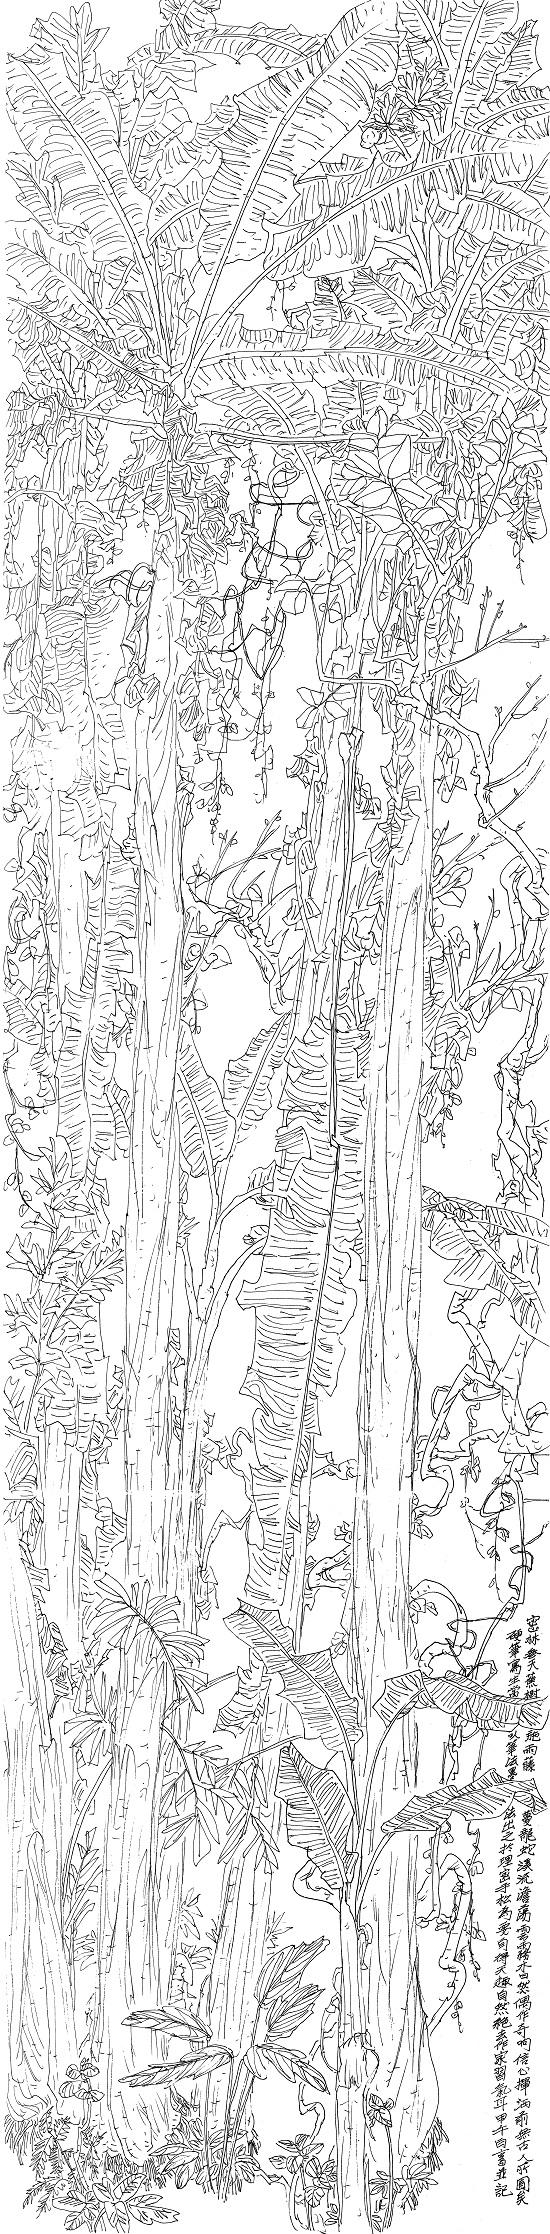 卡通森林场景图片